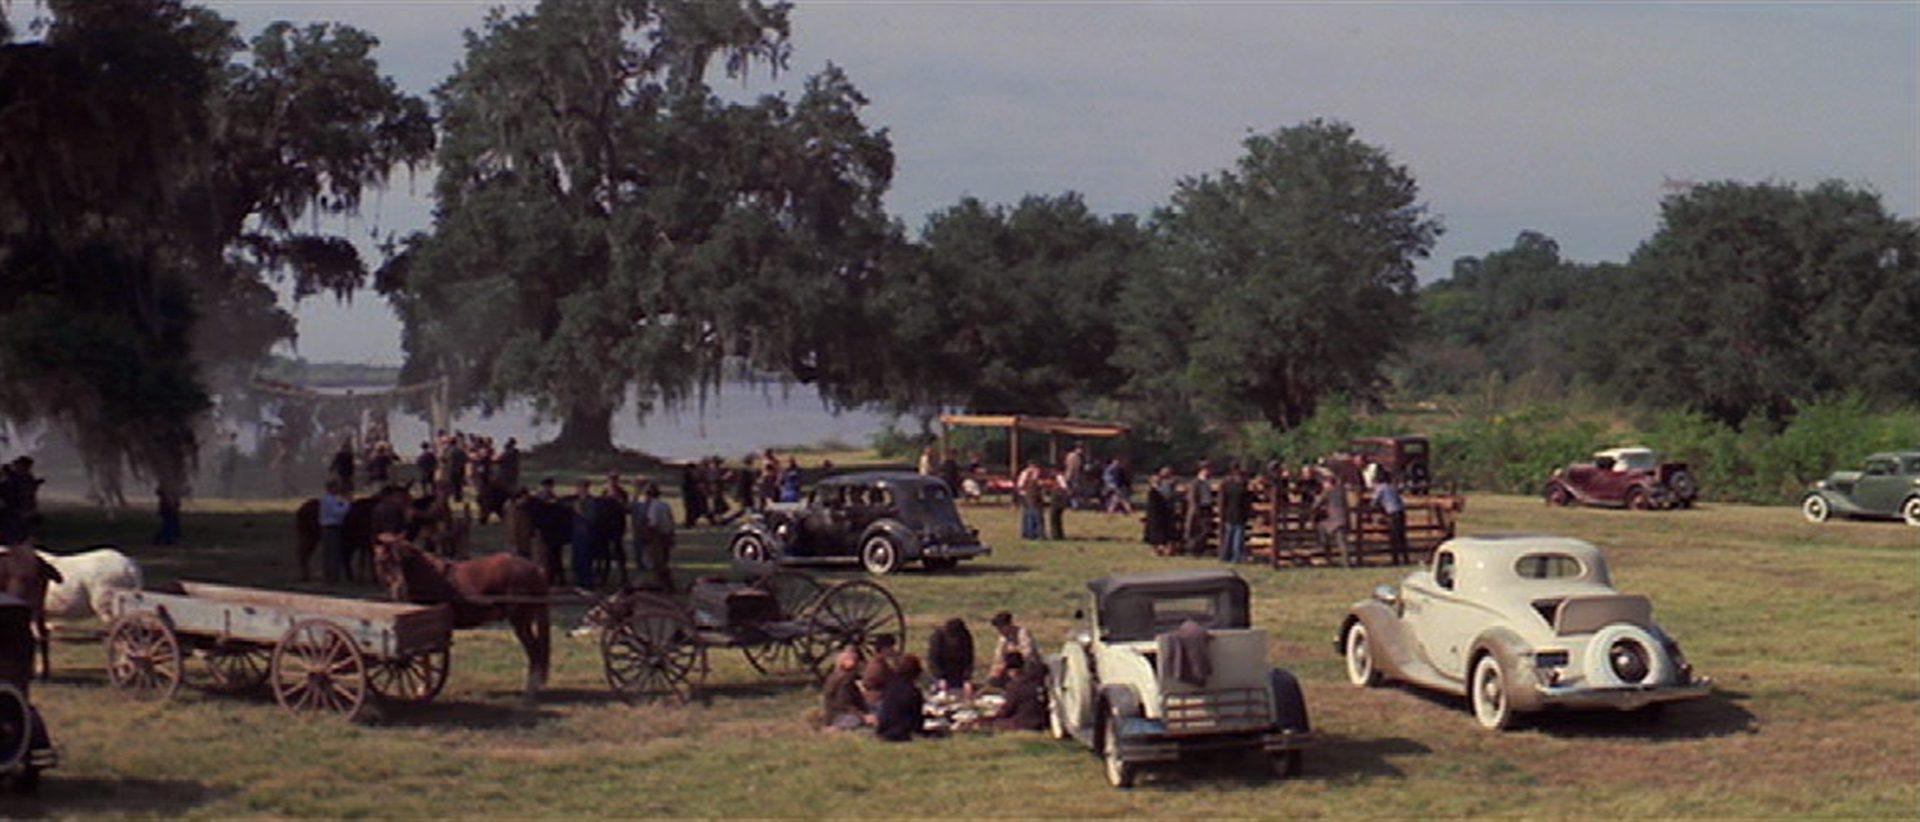 Zusammenkunft im Grünen mit Louisiana-Flair.